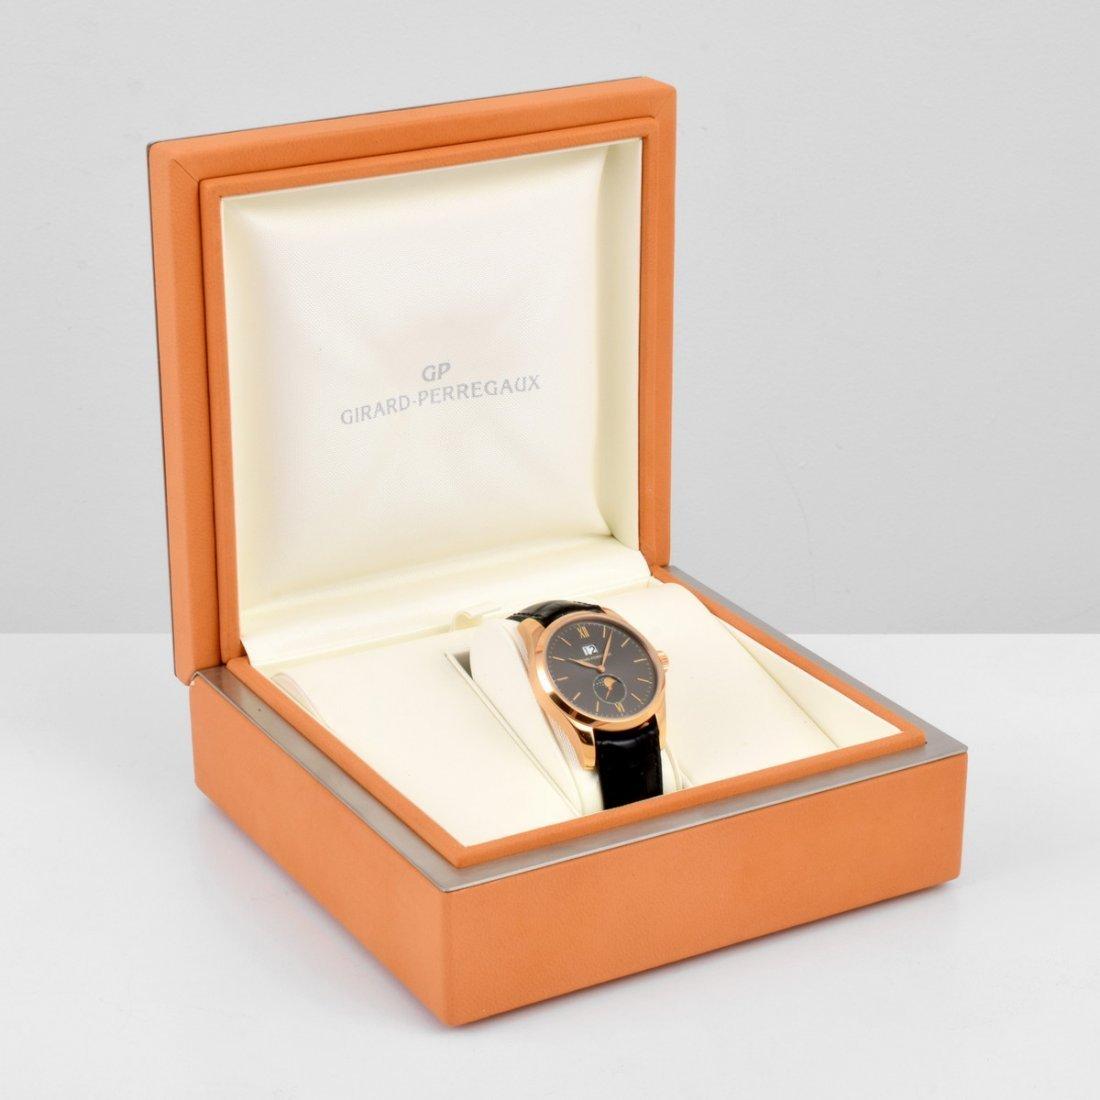 Girard-Perregaux 18K Rose Gold Watch